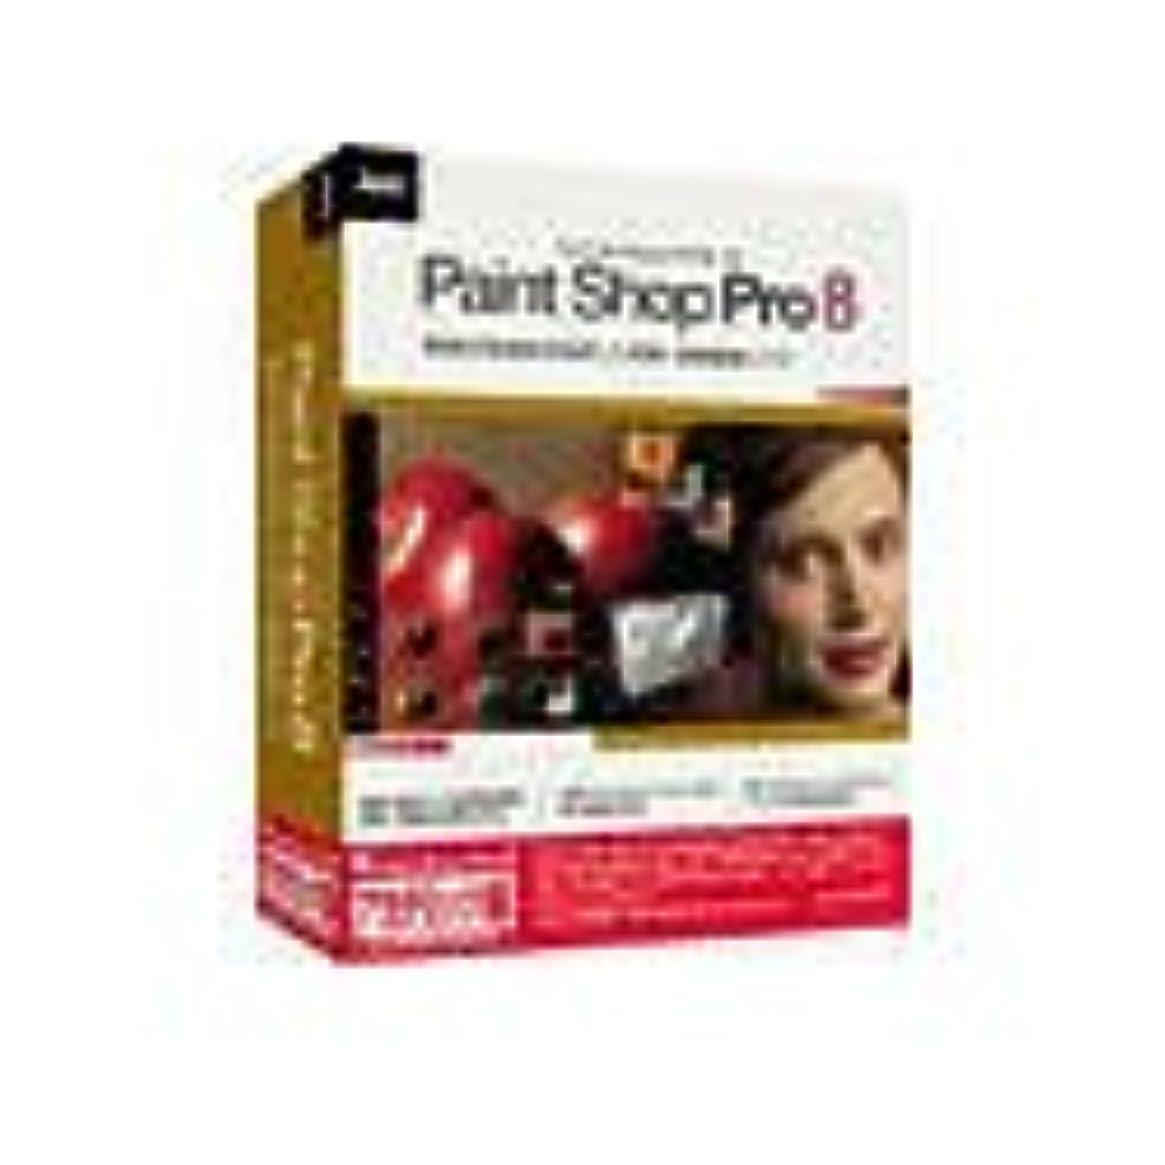 素朴な人類インタフェースPaint Shop Pro 8 アカデミック版